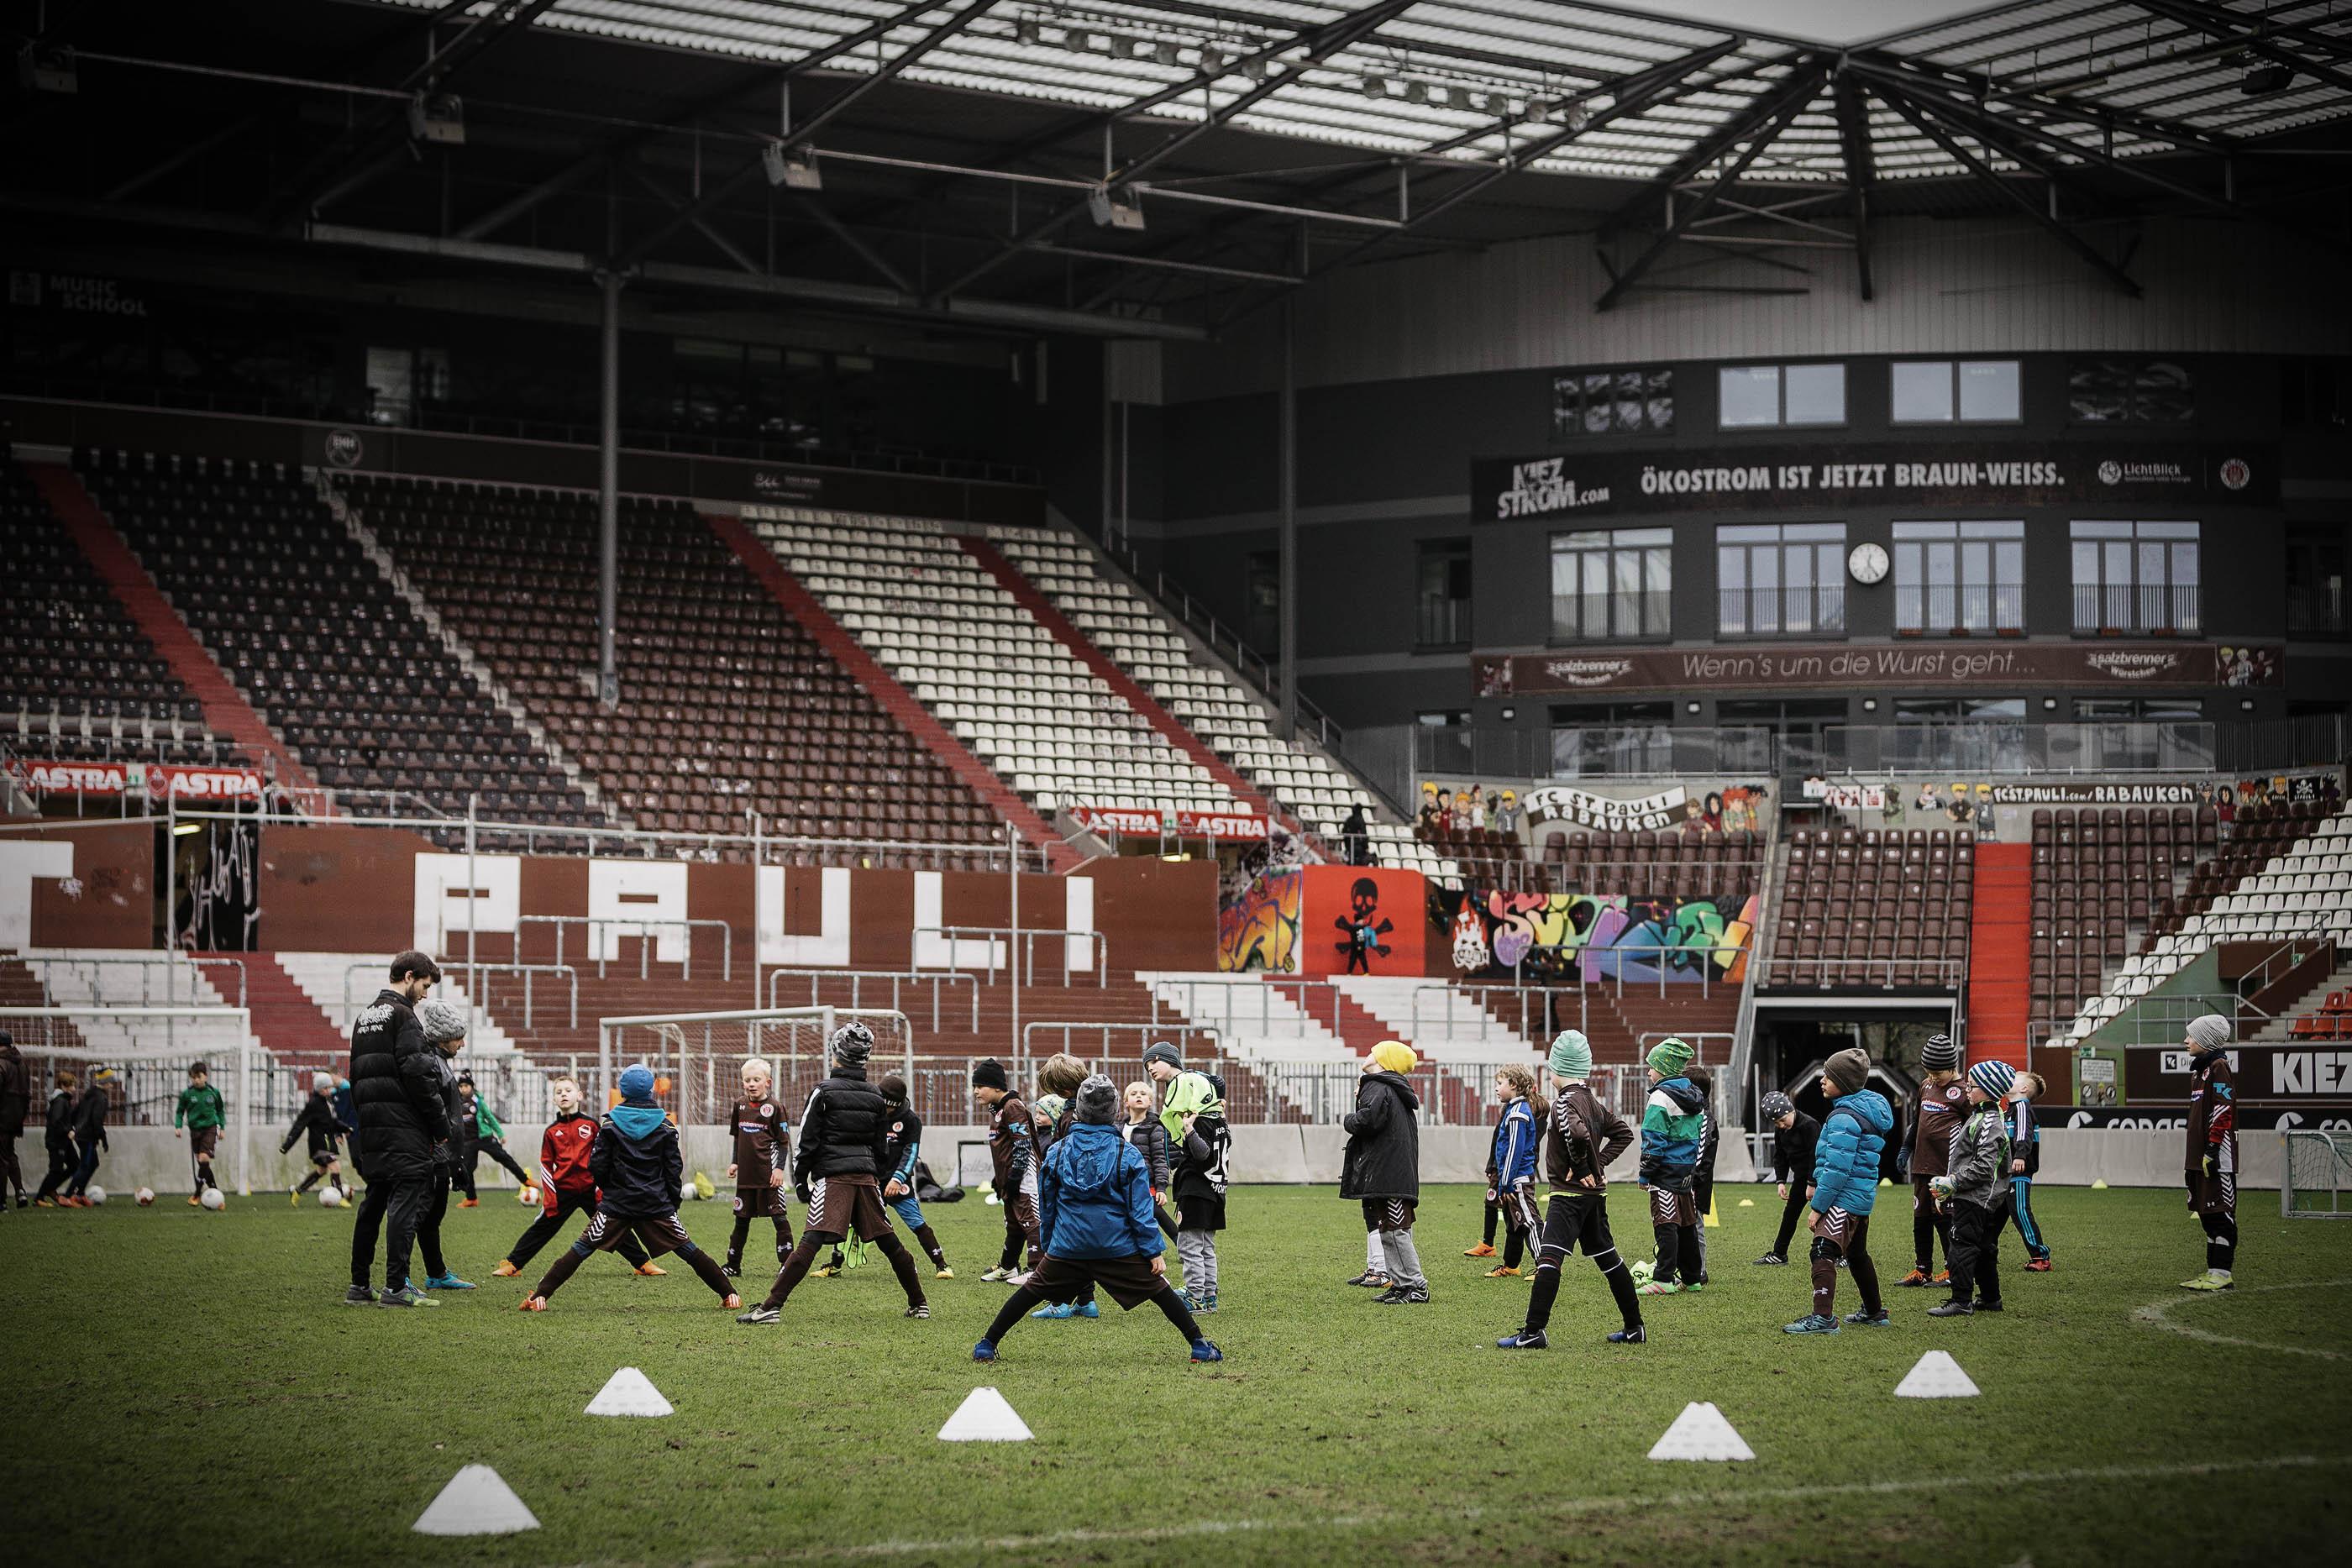 Feier' mit beim 10. Rabauken-Geburtstag - Stadiontraining & großes Rahmenprogramm